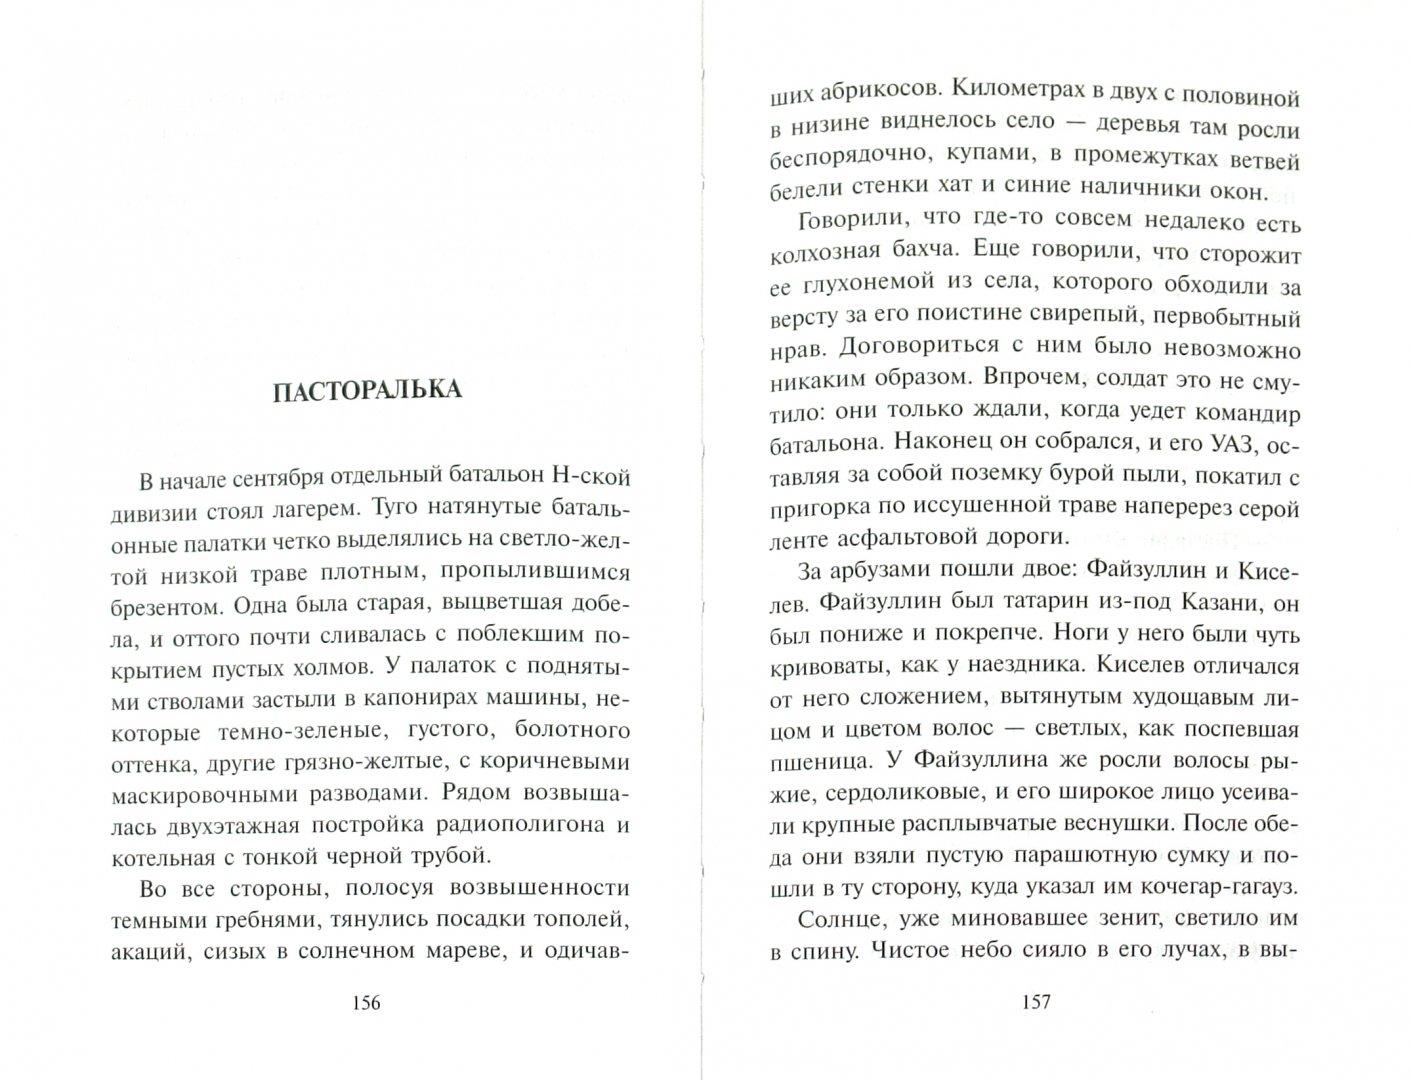 Иллюстрация 1 из 11 для Южный календарь - Антон Уткин | Лабиринт - книги. Источник: Лабиринт